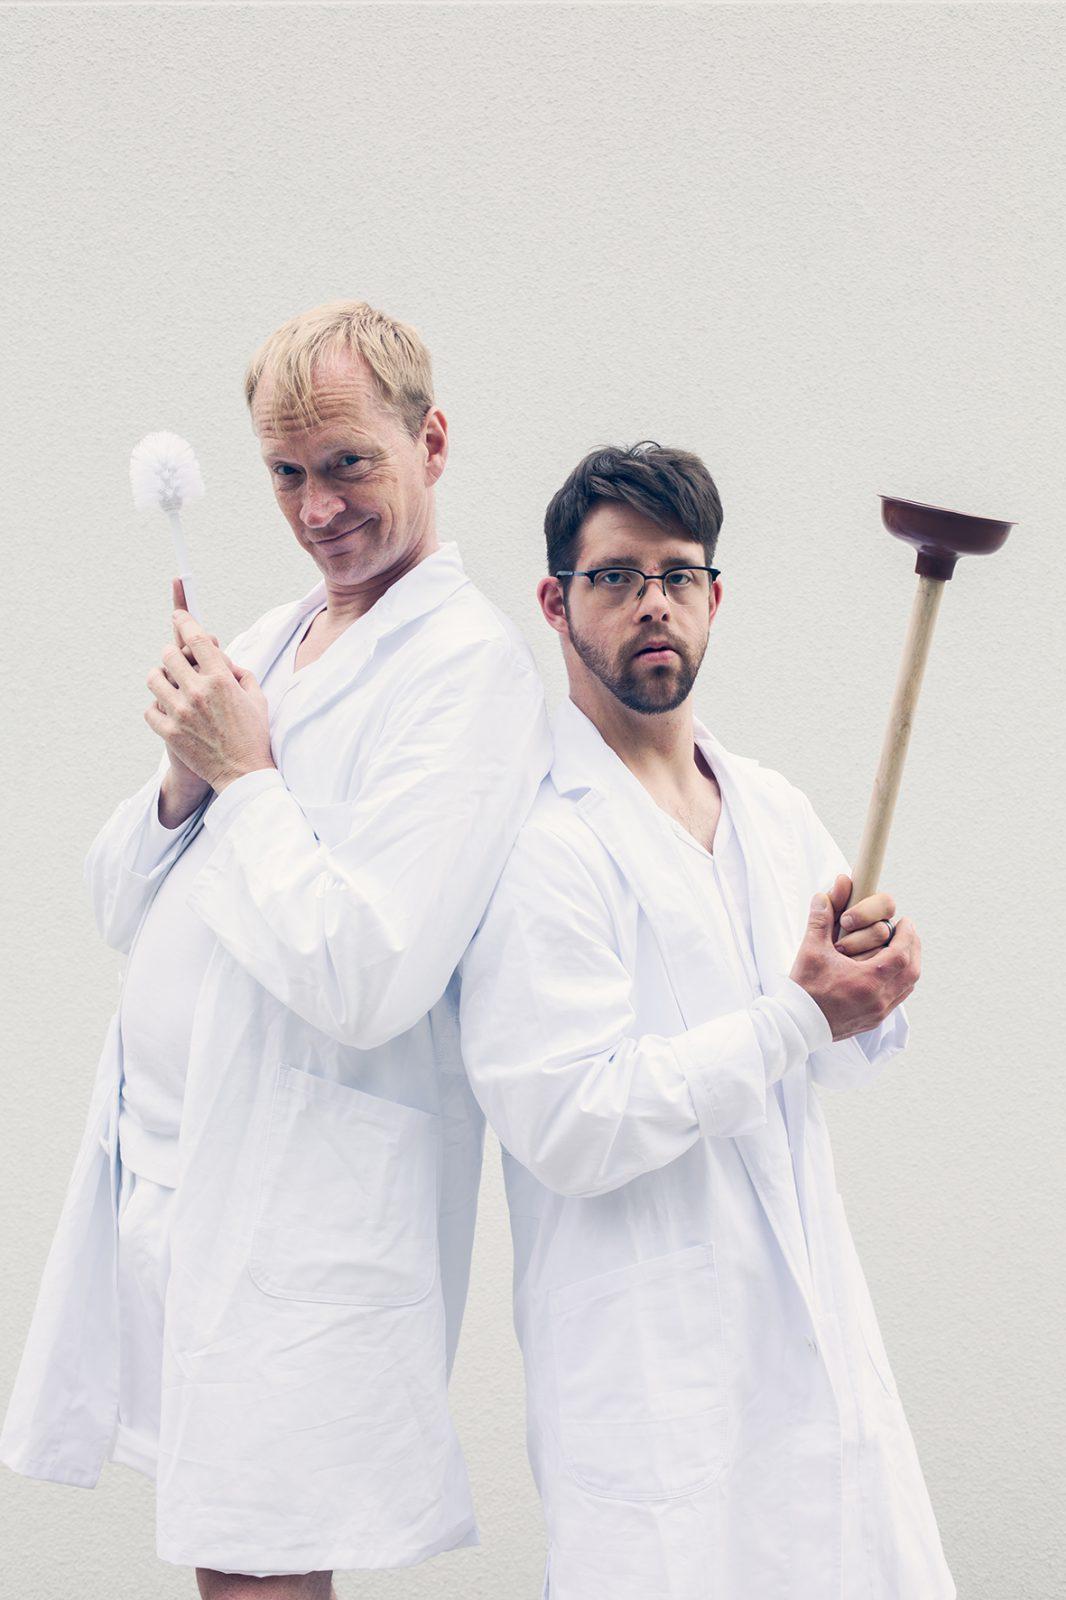 zwei Darsteller stehen mit einer Bürste und einem Pömpel nebeneinander